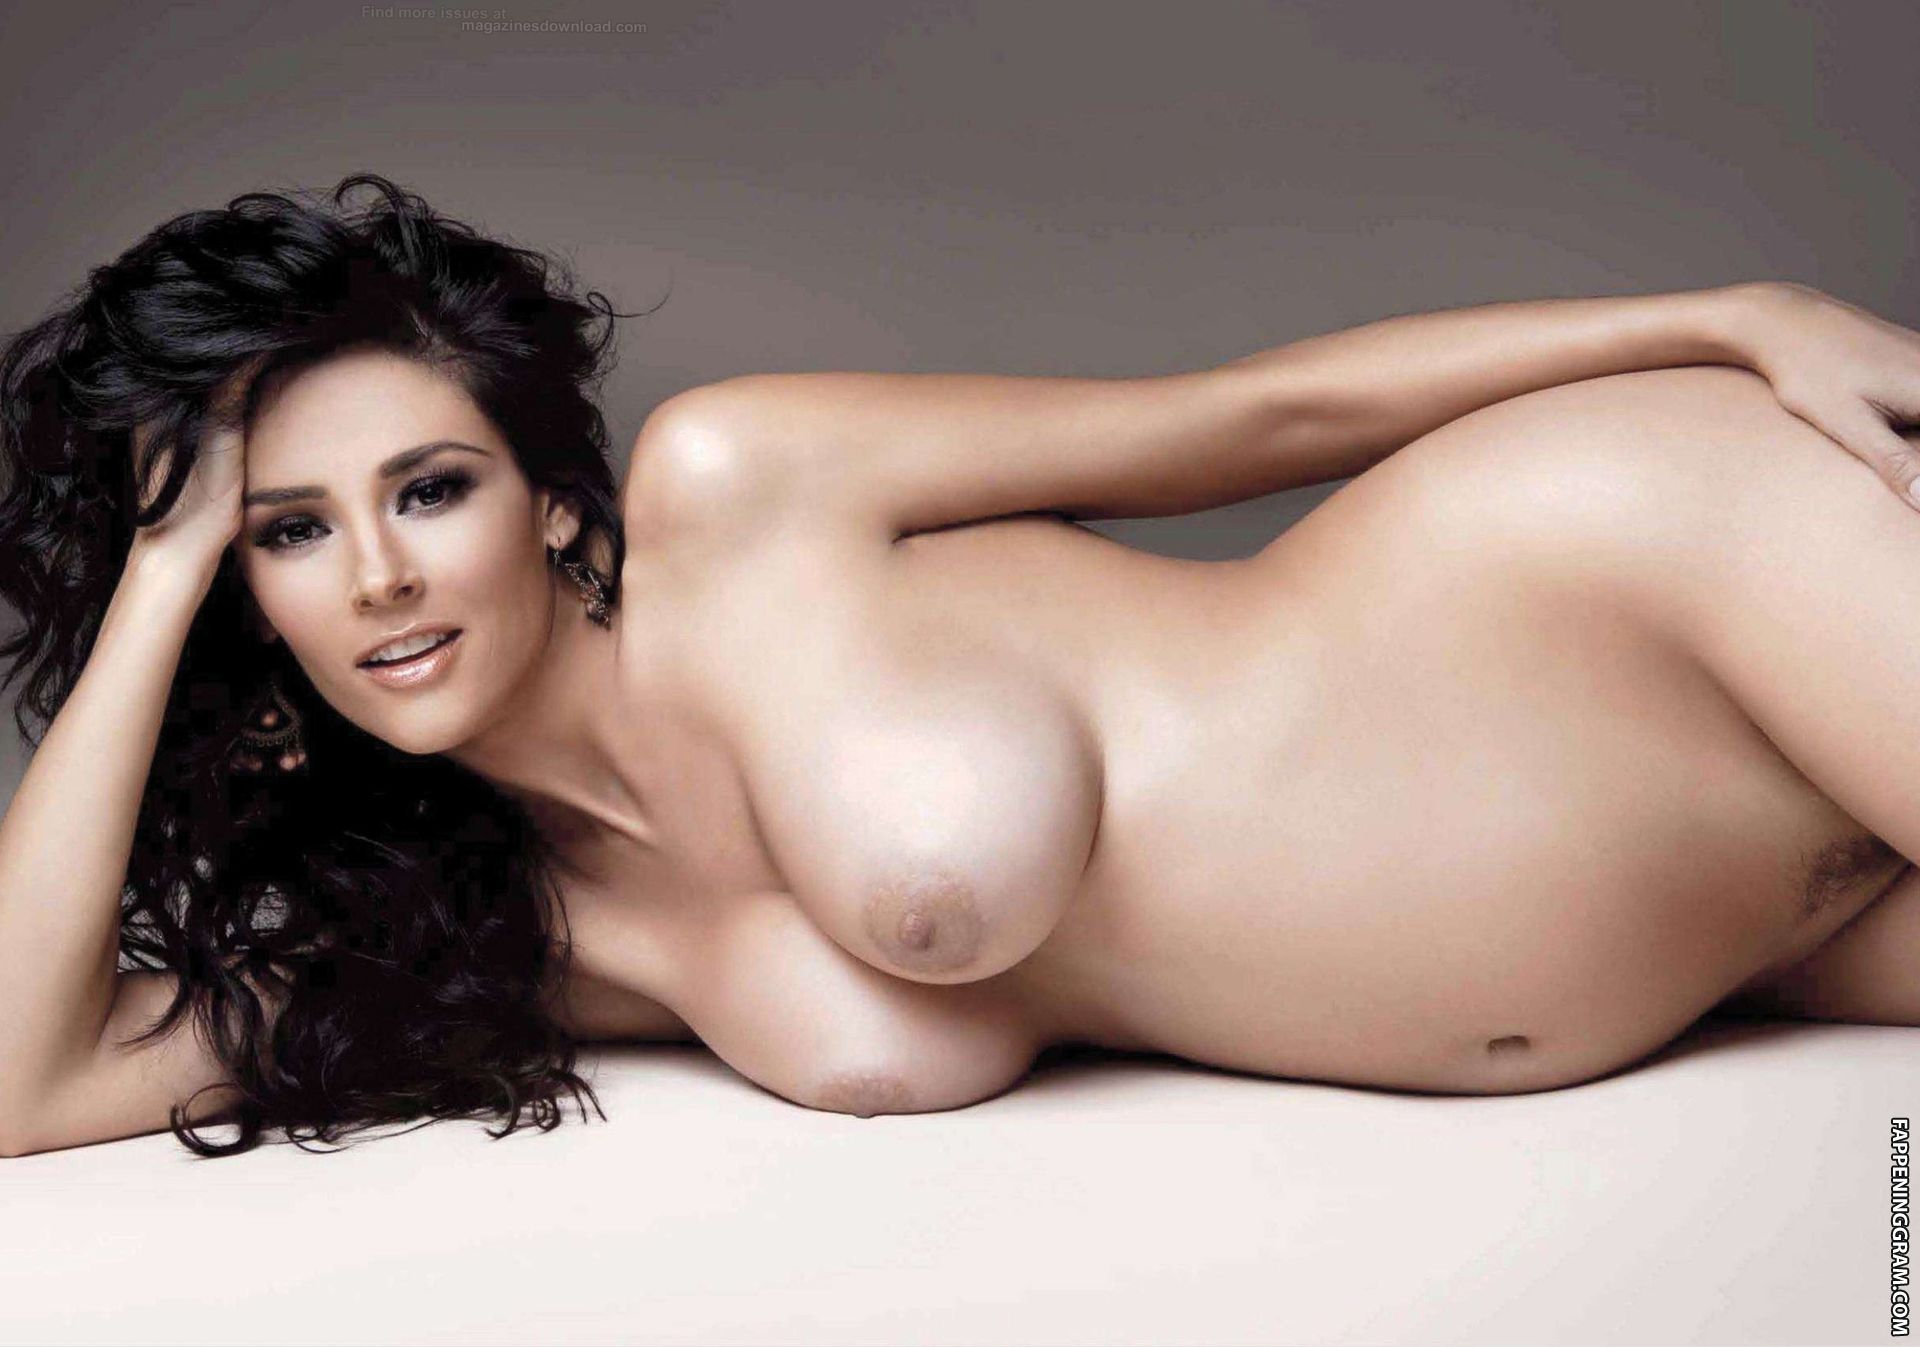 Finland actress eriikka valiahde nude in a sauna scene